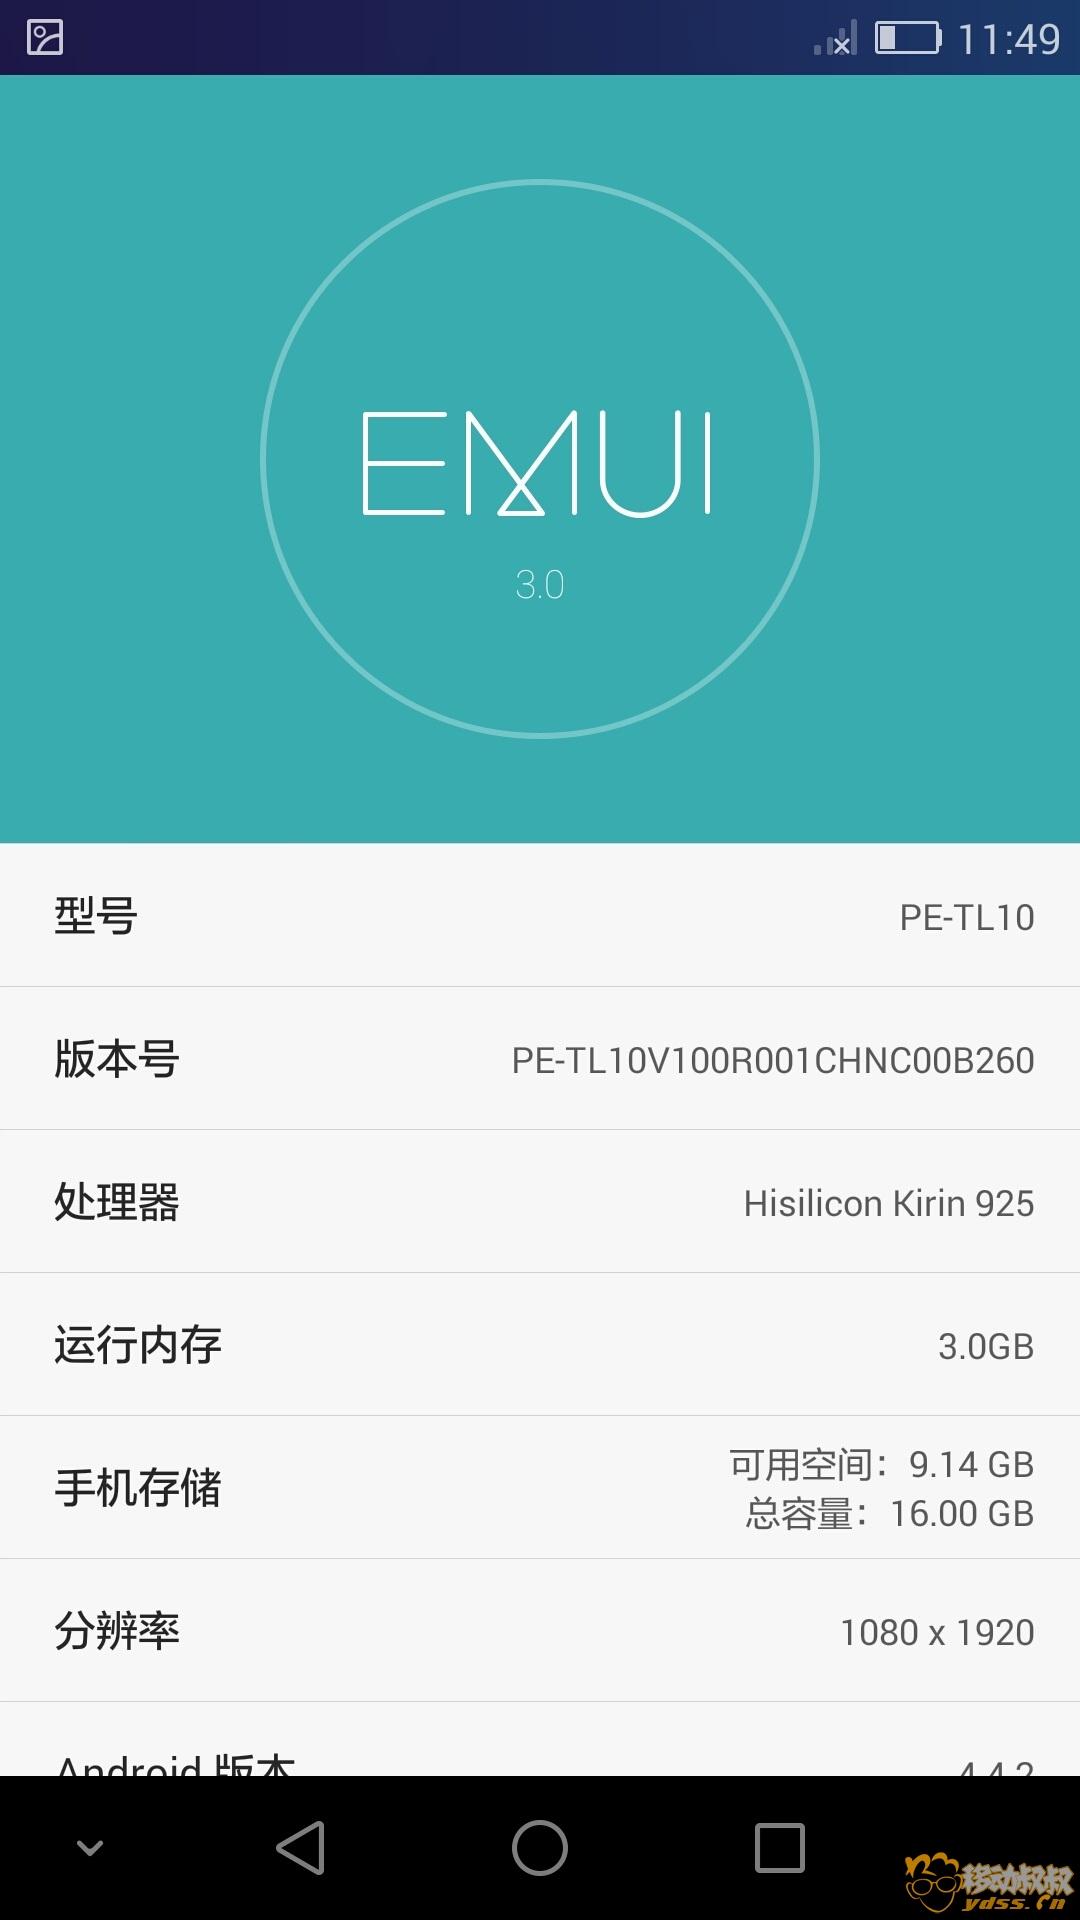 Screenshot_2018-01-28-11-49-01.jpg